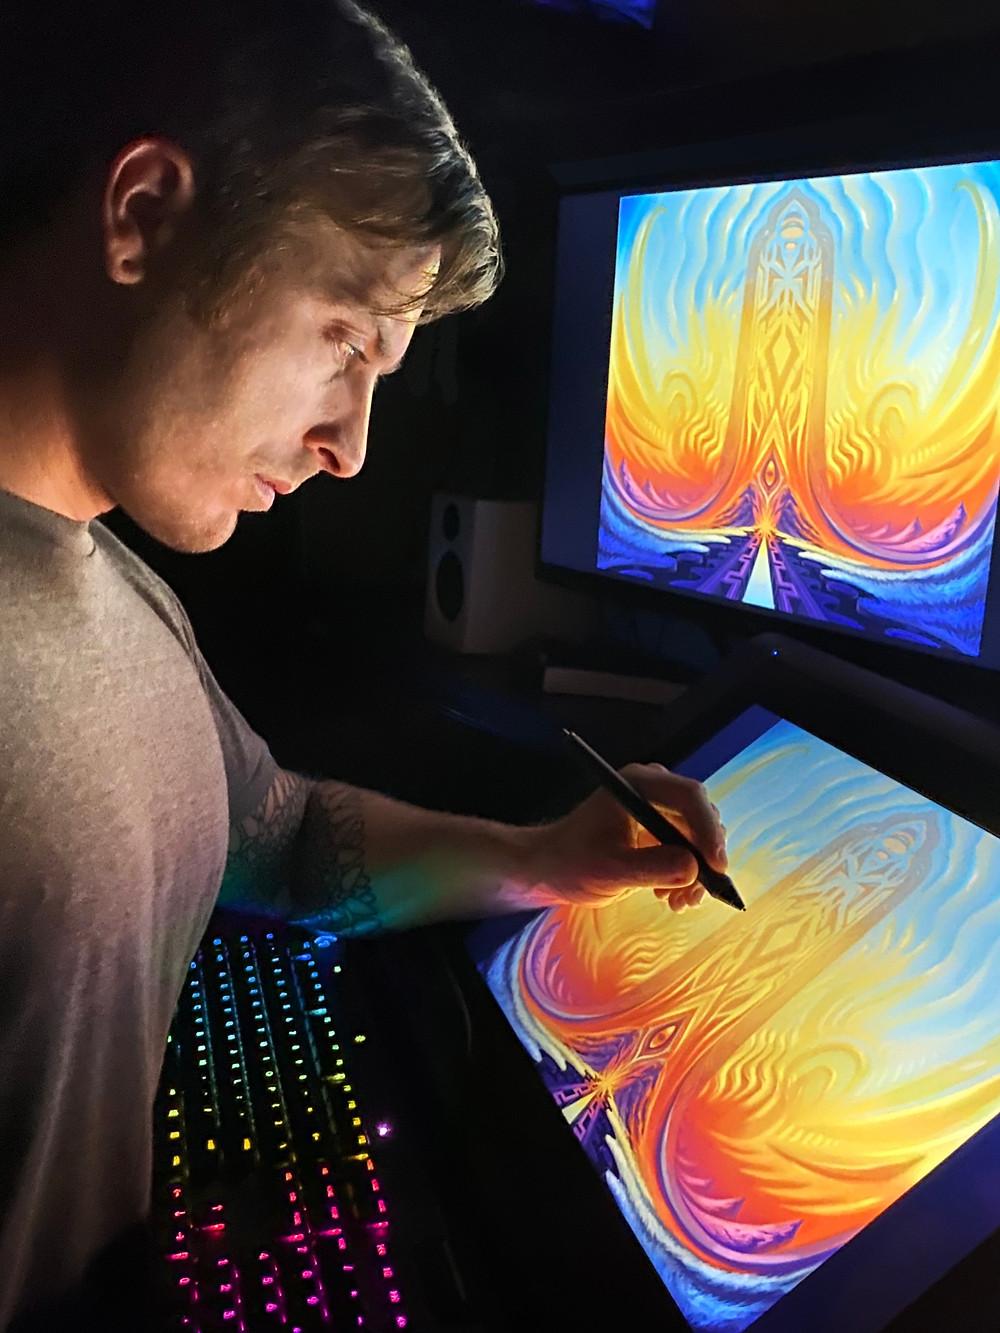 Trent Kuhn working in studio